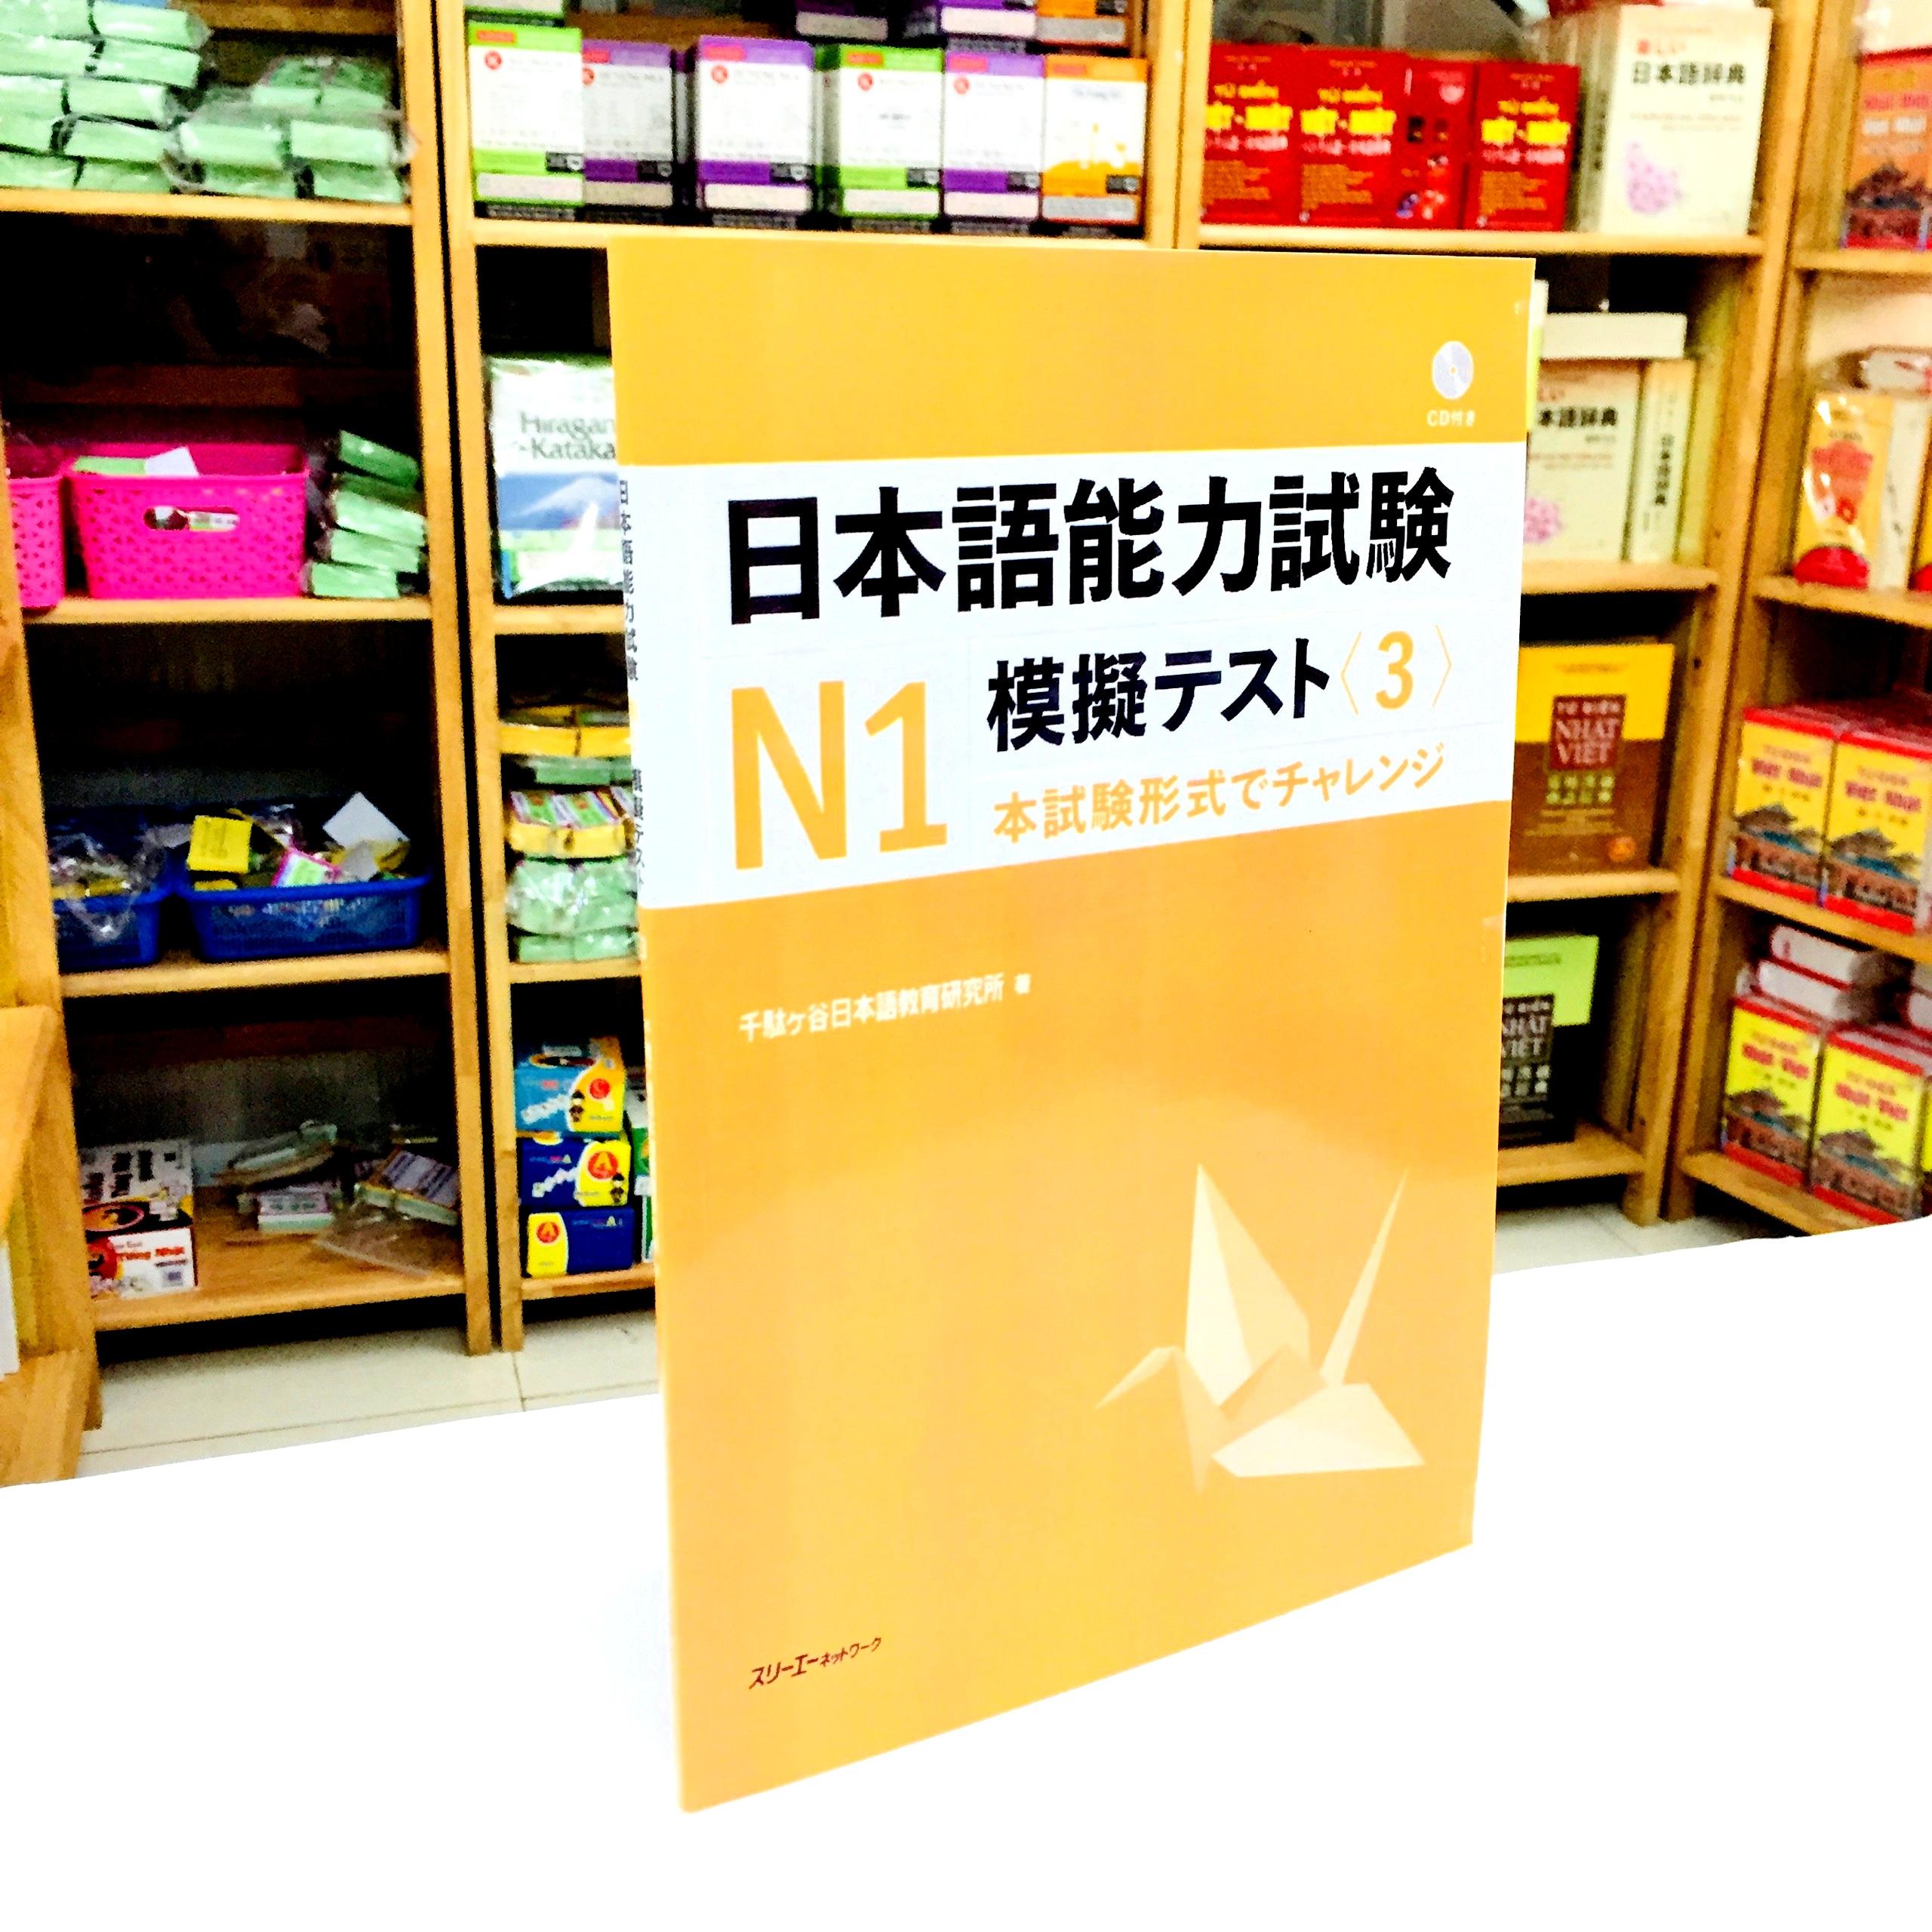 Sách Luyện Thi N1 Mogi Tesuto Tập 3 (Đề Mẫu)